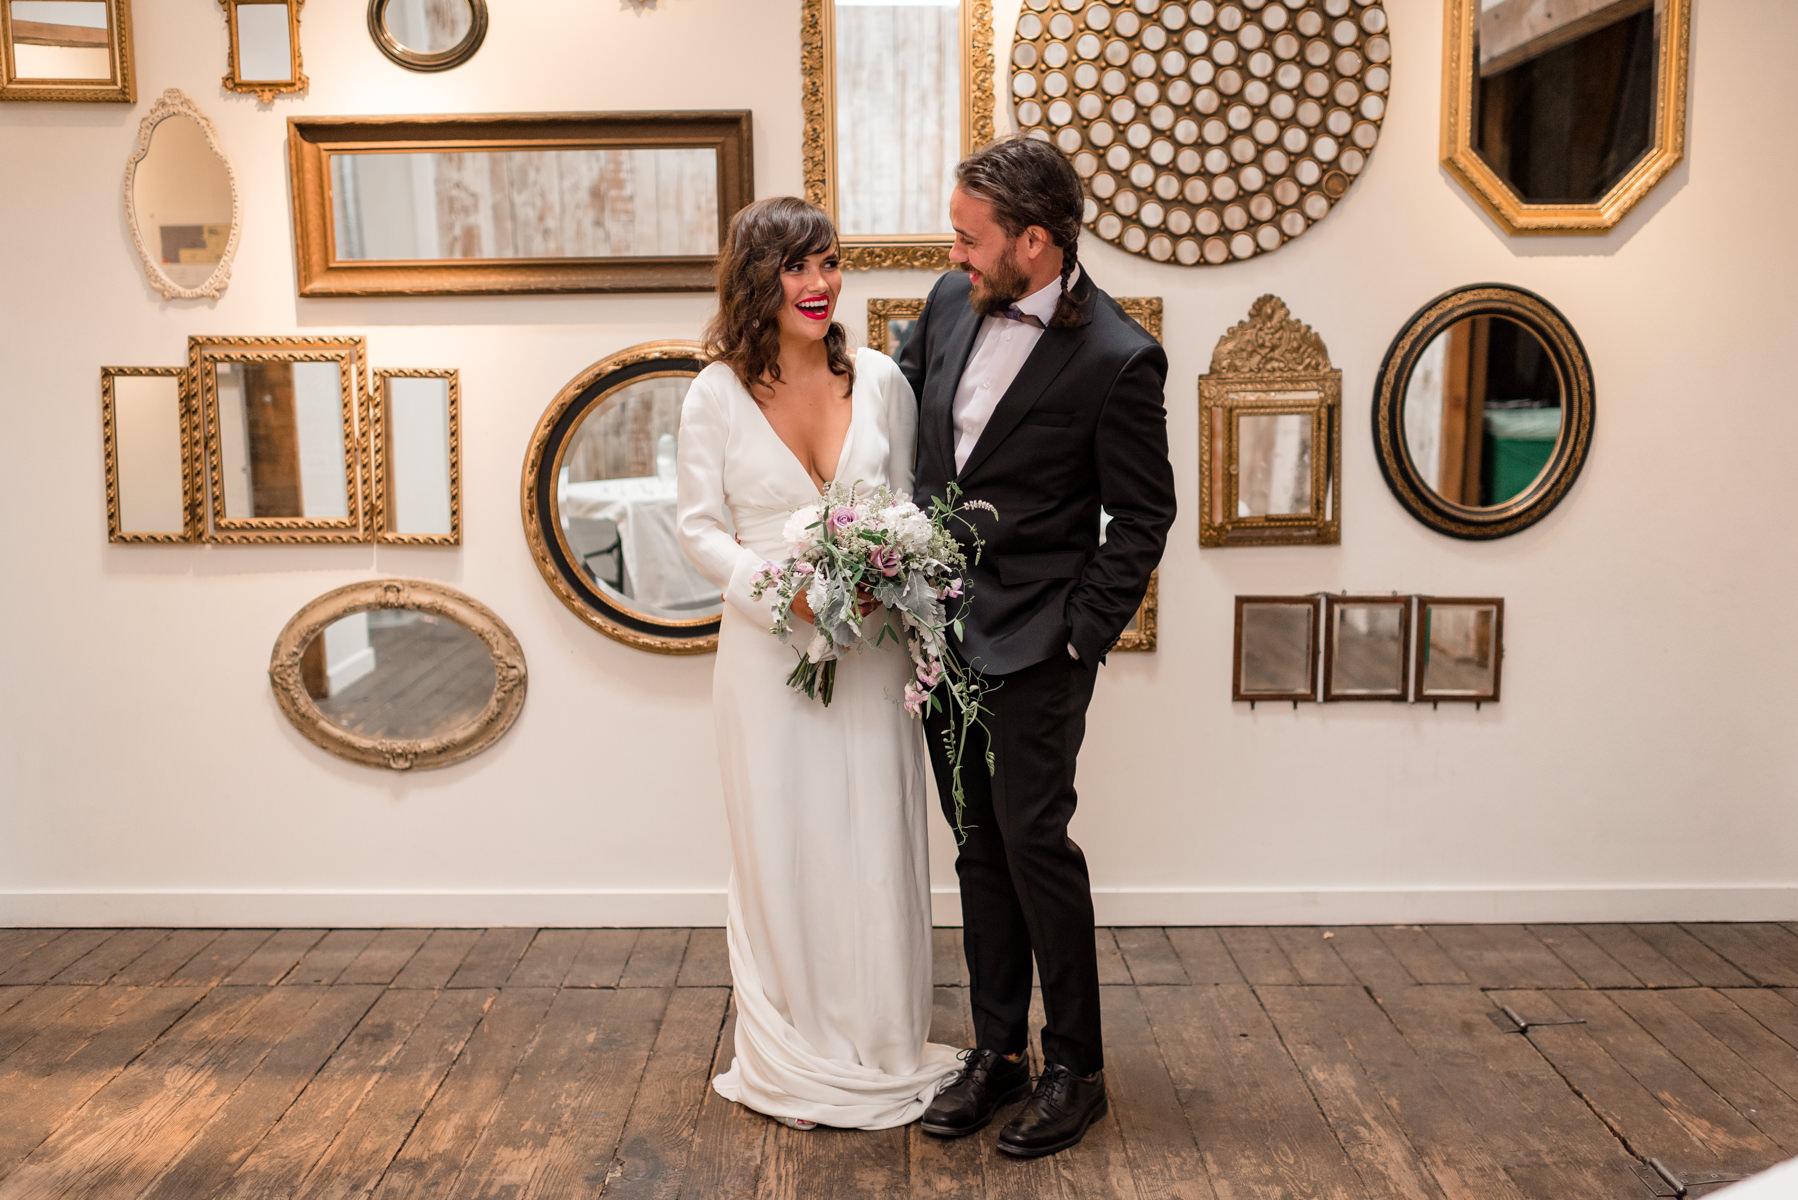 Andrew Tat - Documentary Wedding Photography - WithinSodo - Seattle, Washington -Hilary & Zach - 03.jpg